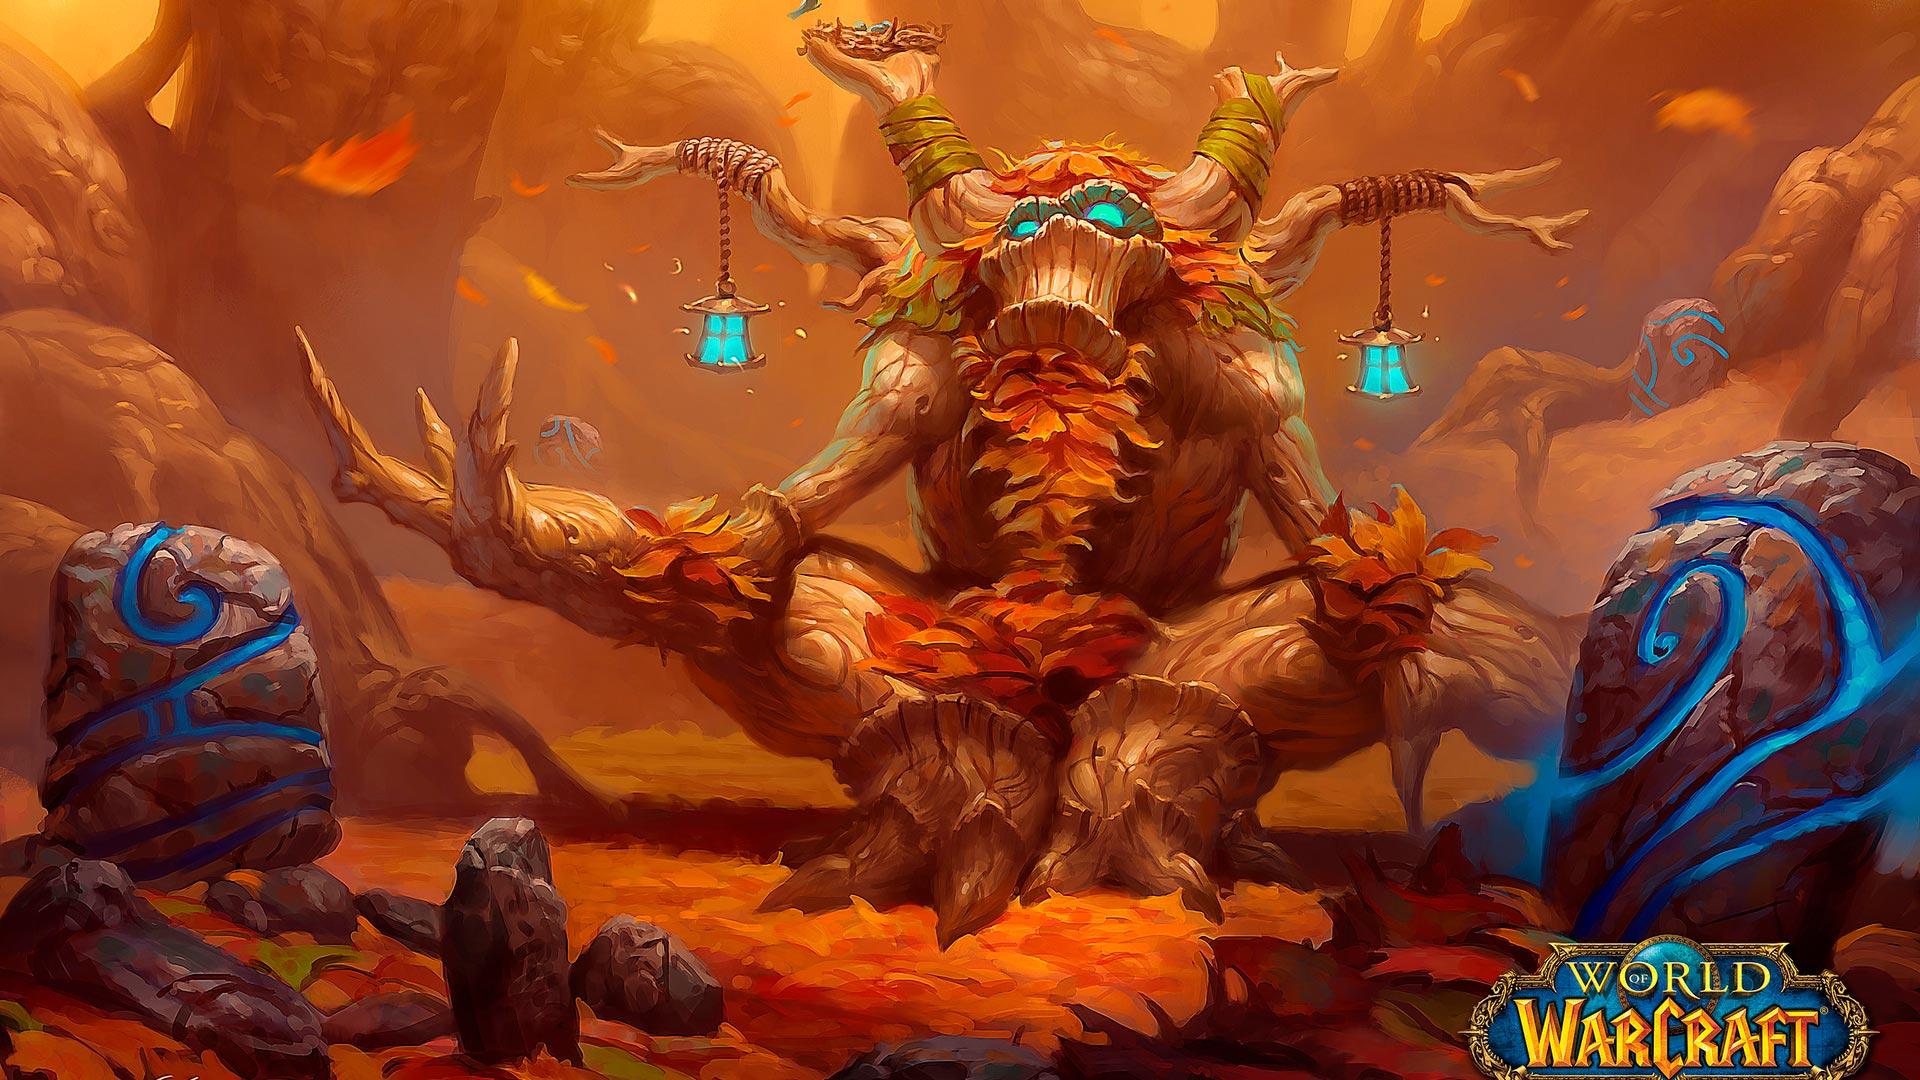 World of Warcraft красивые и крутые обои для рабочего стола 9